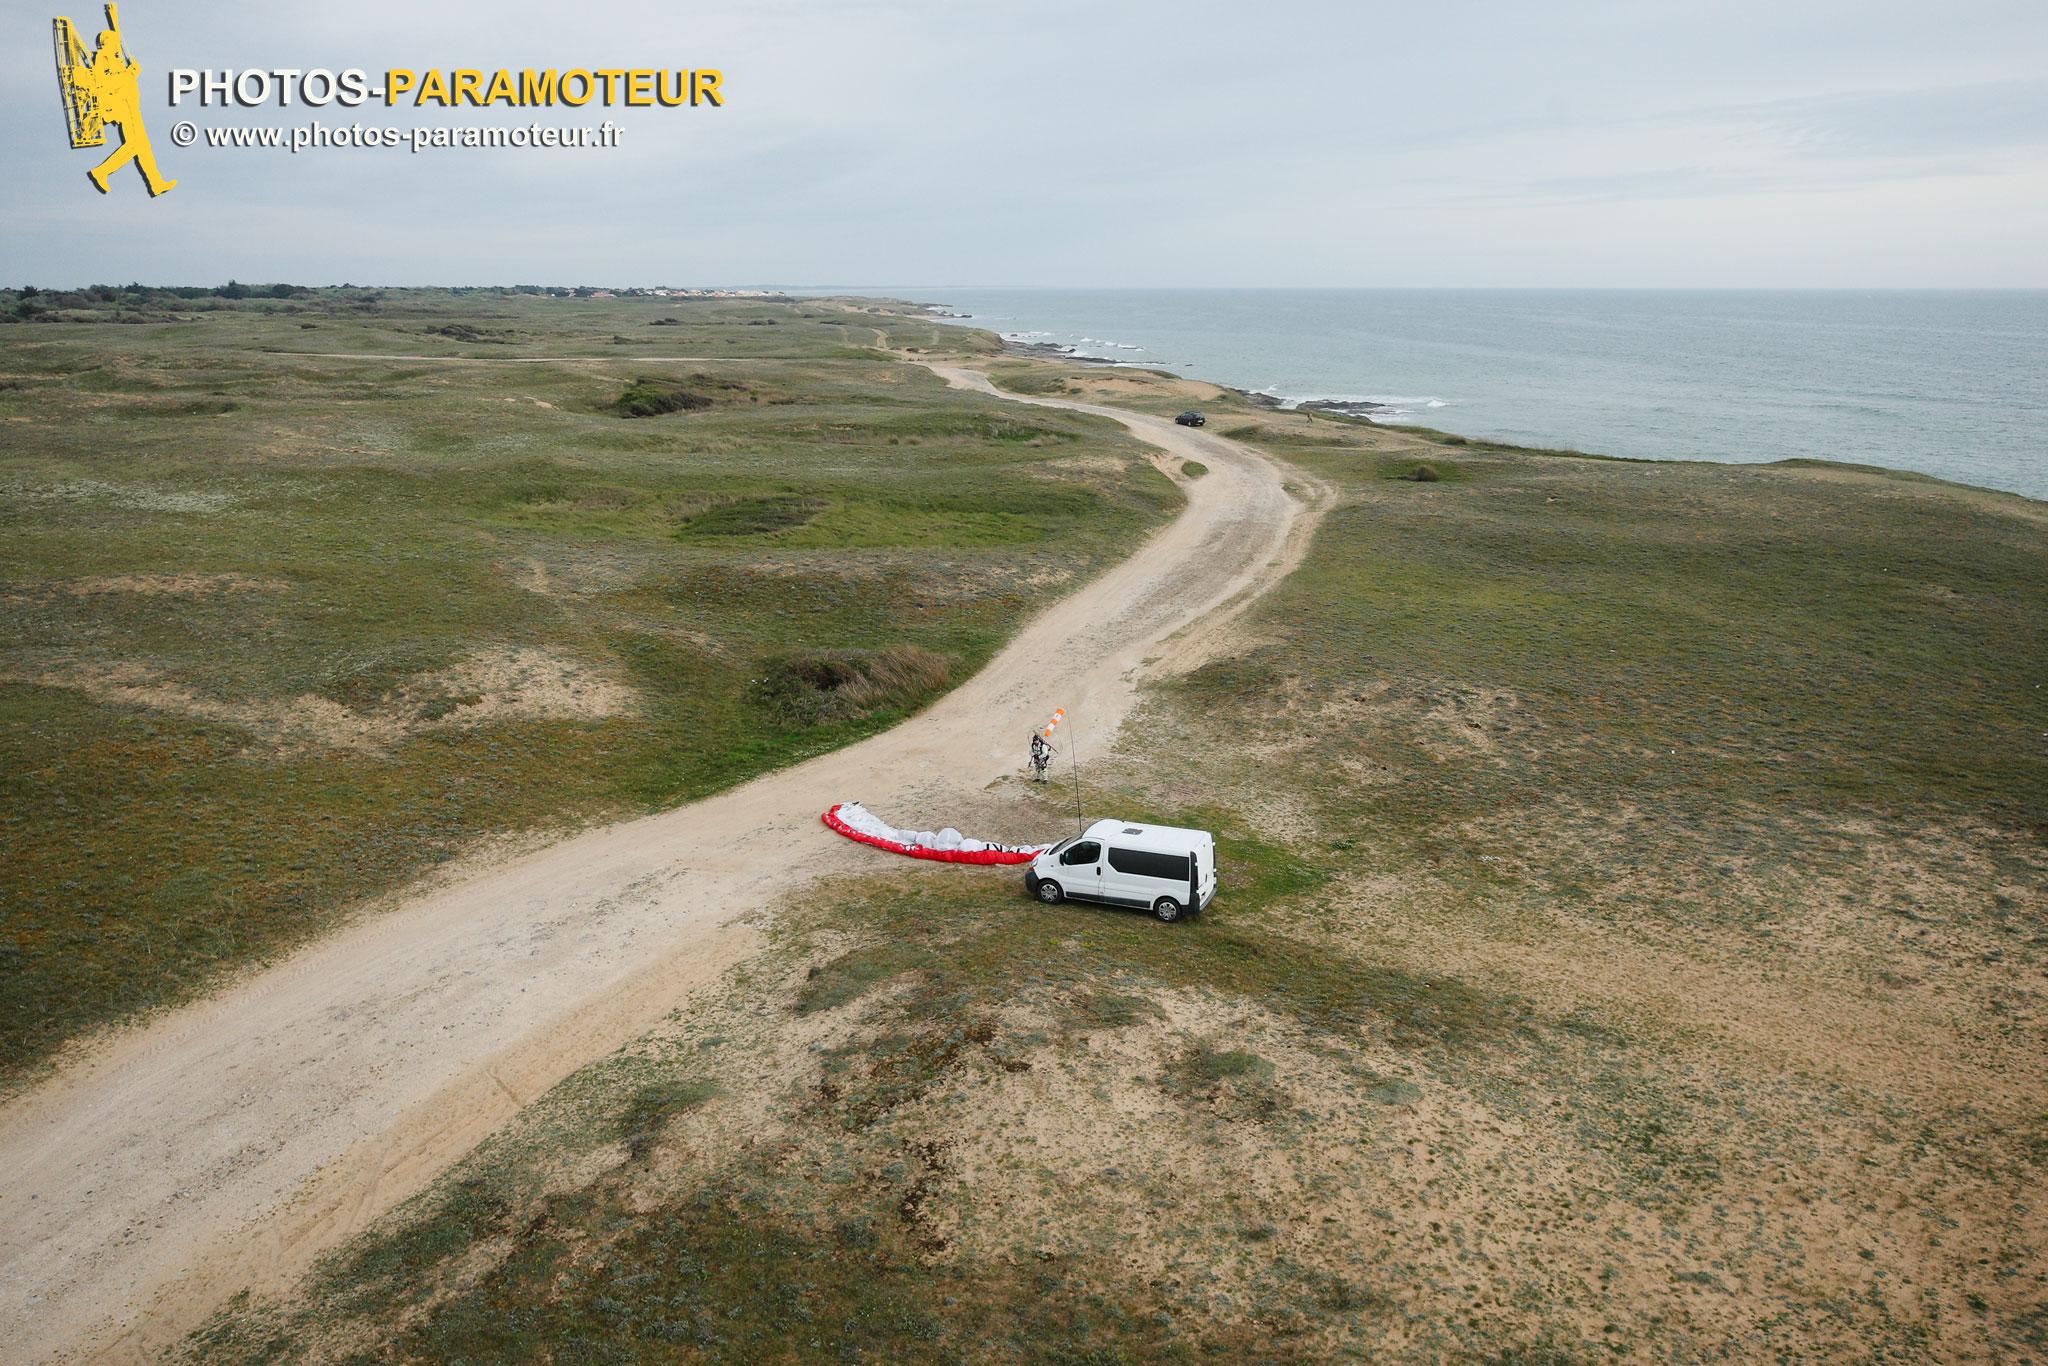 Paramoteur Bretignolles-sur-Mer vue du ciel